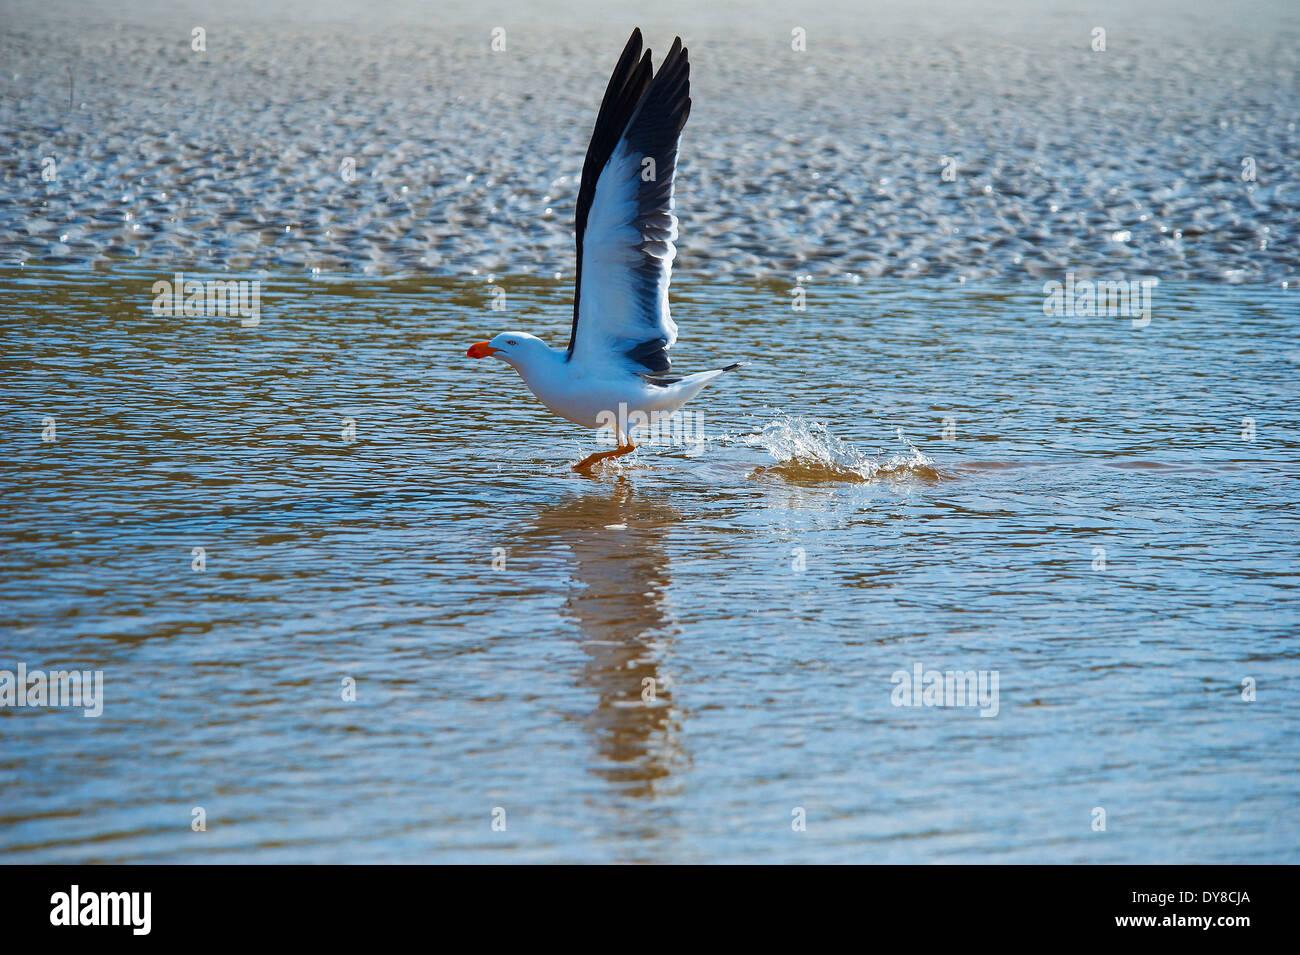 Australia, mare, sabbia, animale, Victoria, uccelli, Wilsons Promontory, parco nazionale, seagull, Immagini Stock